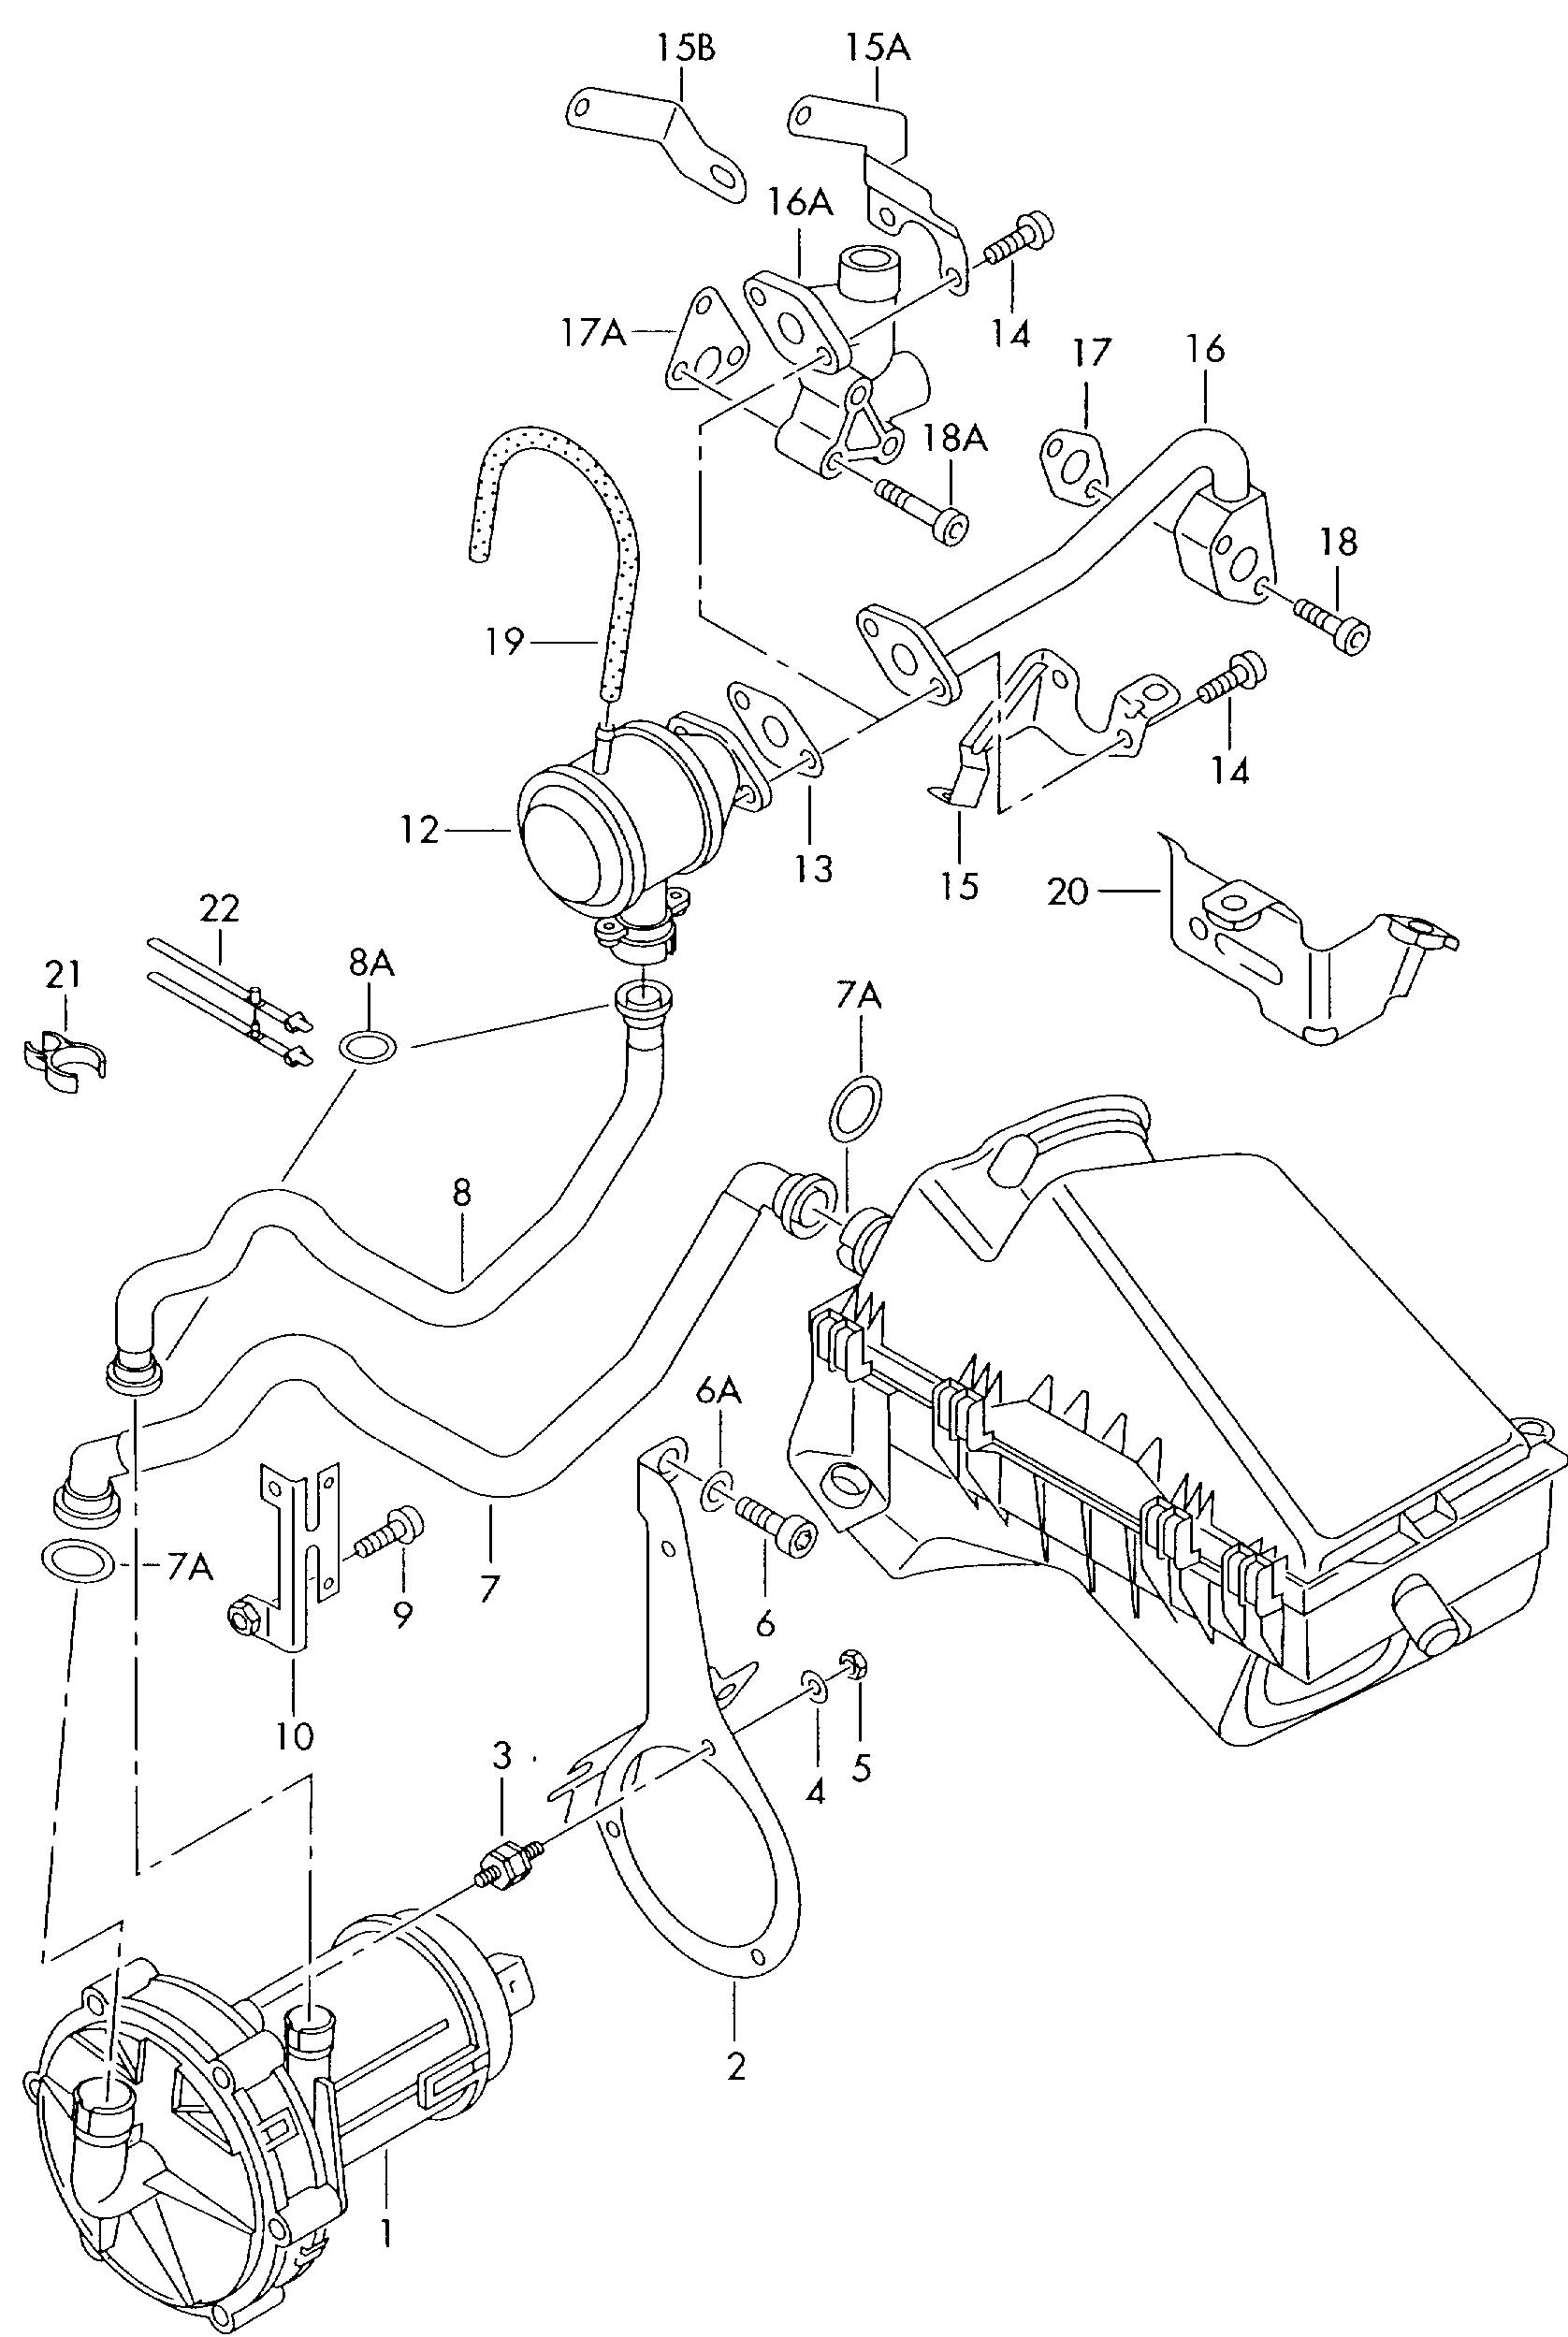 Audi Tt 2002 Engine Diagram - Wiring Diagram Direct close-captain -  close-captain.siciliabeb.it | Audi Tt 2002 Engine Diagram |  | close-captain.siciliabeb.it